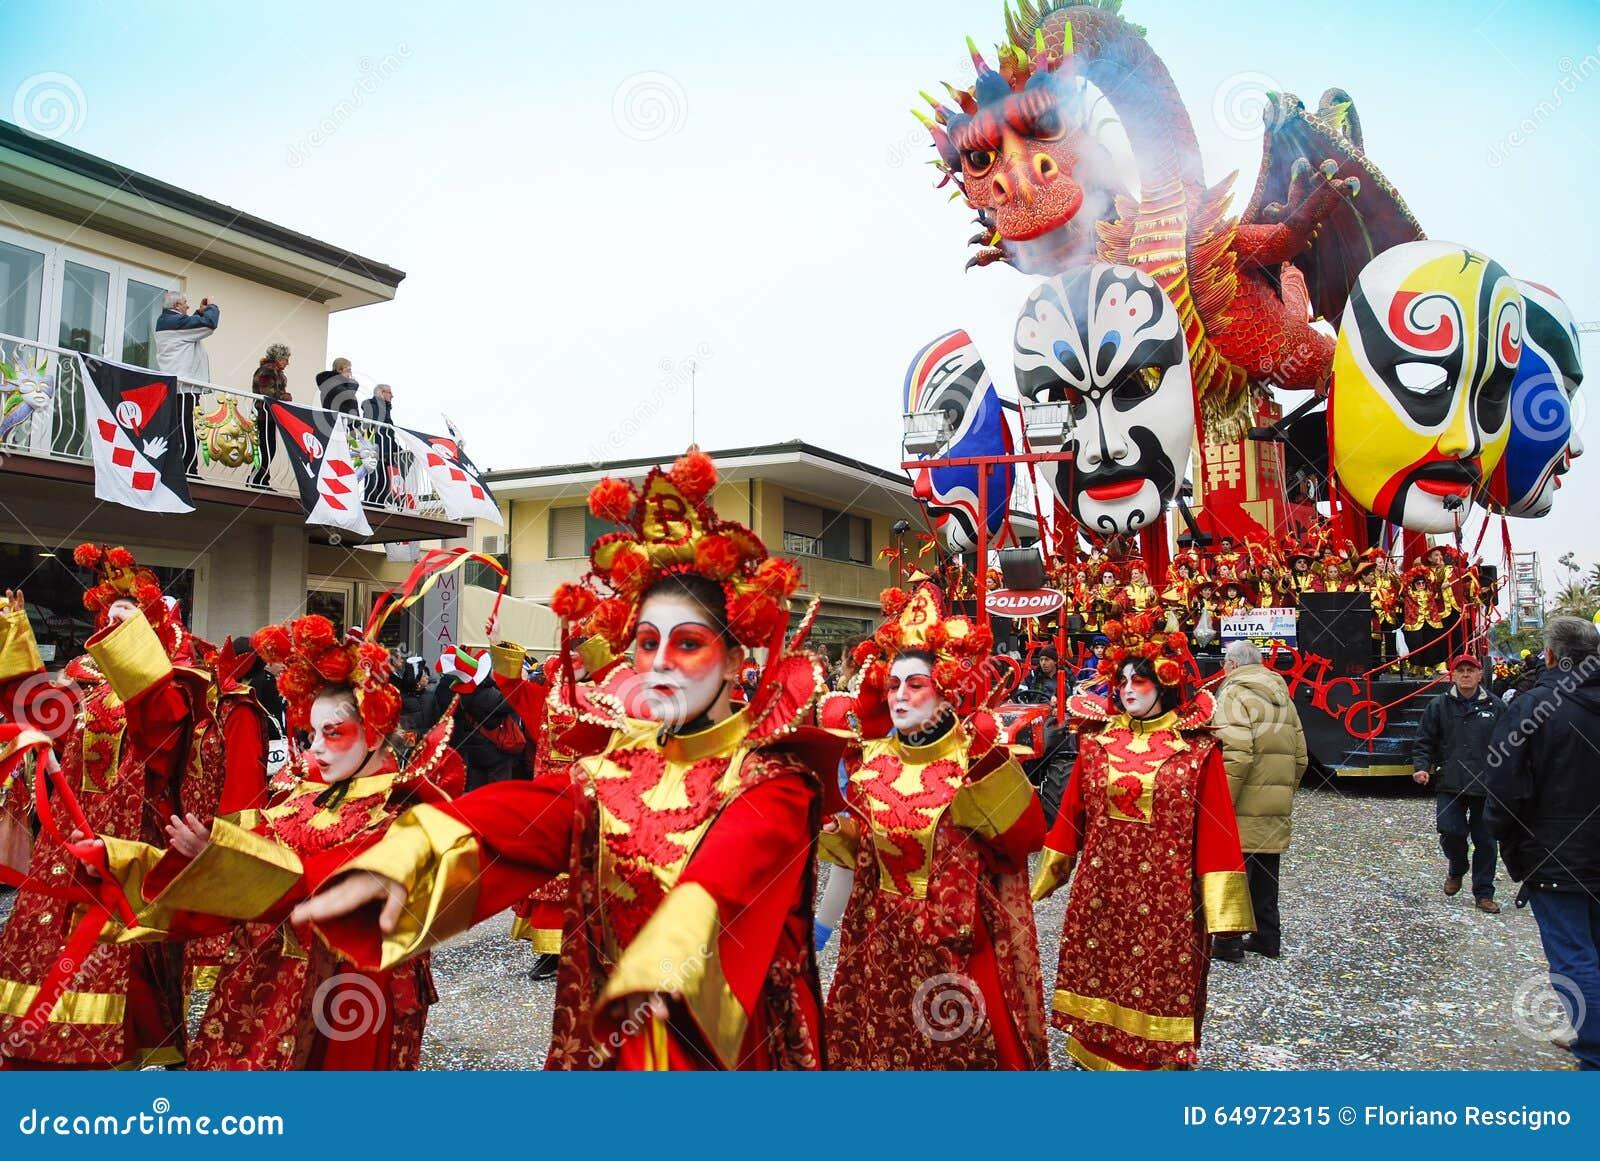 Viareggio狂欢节